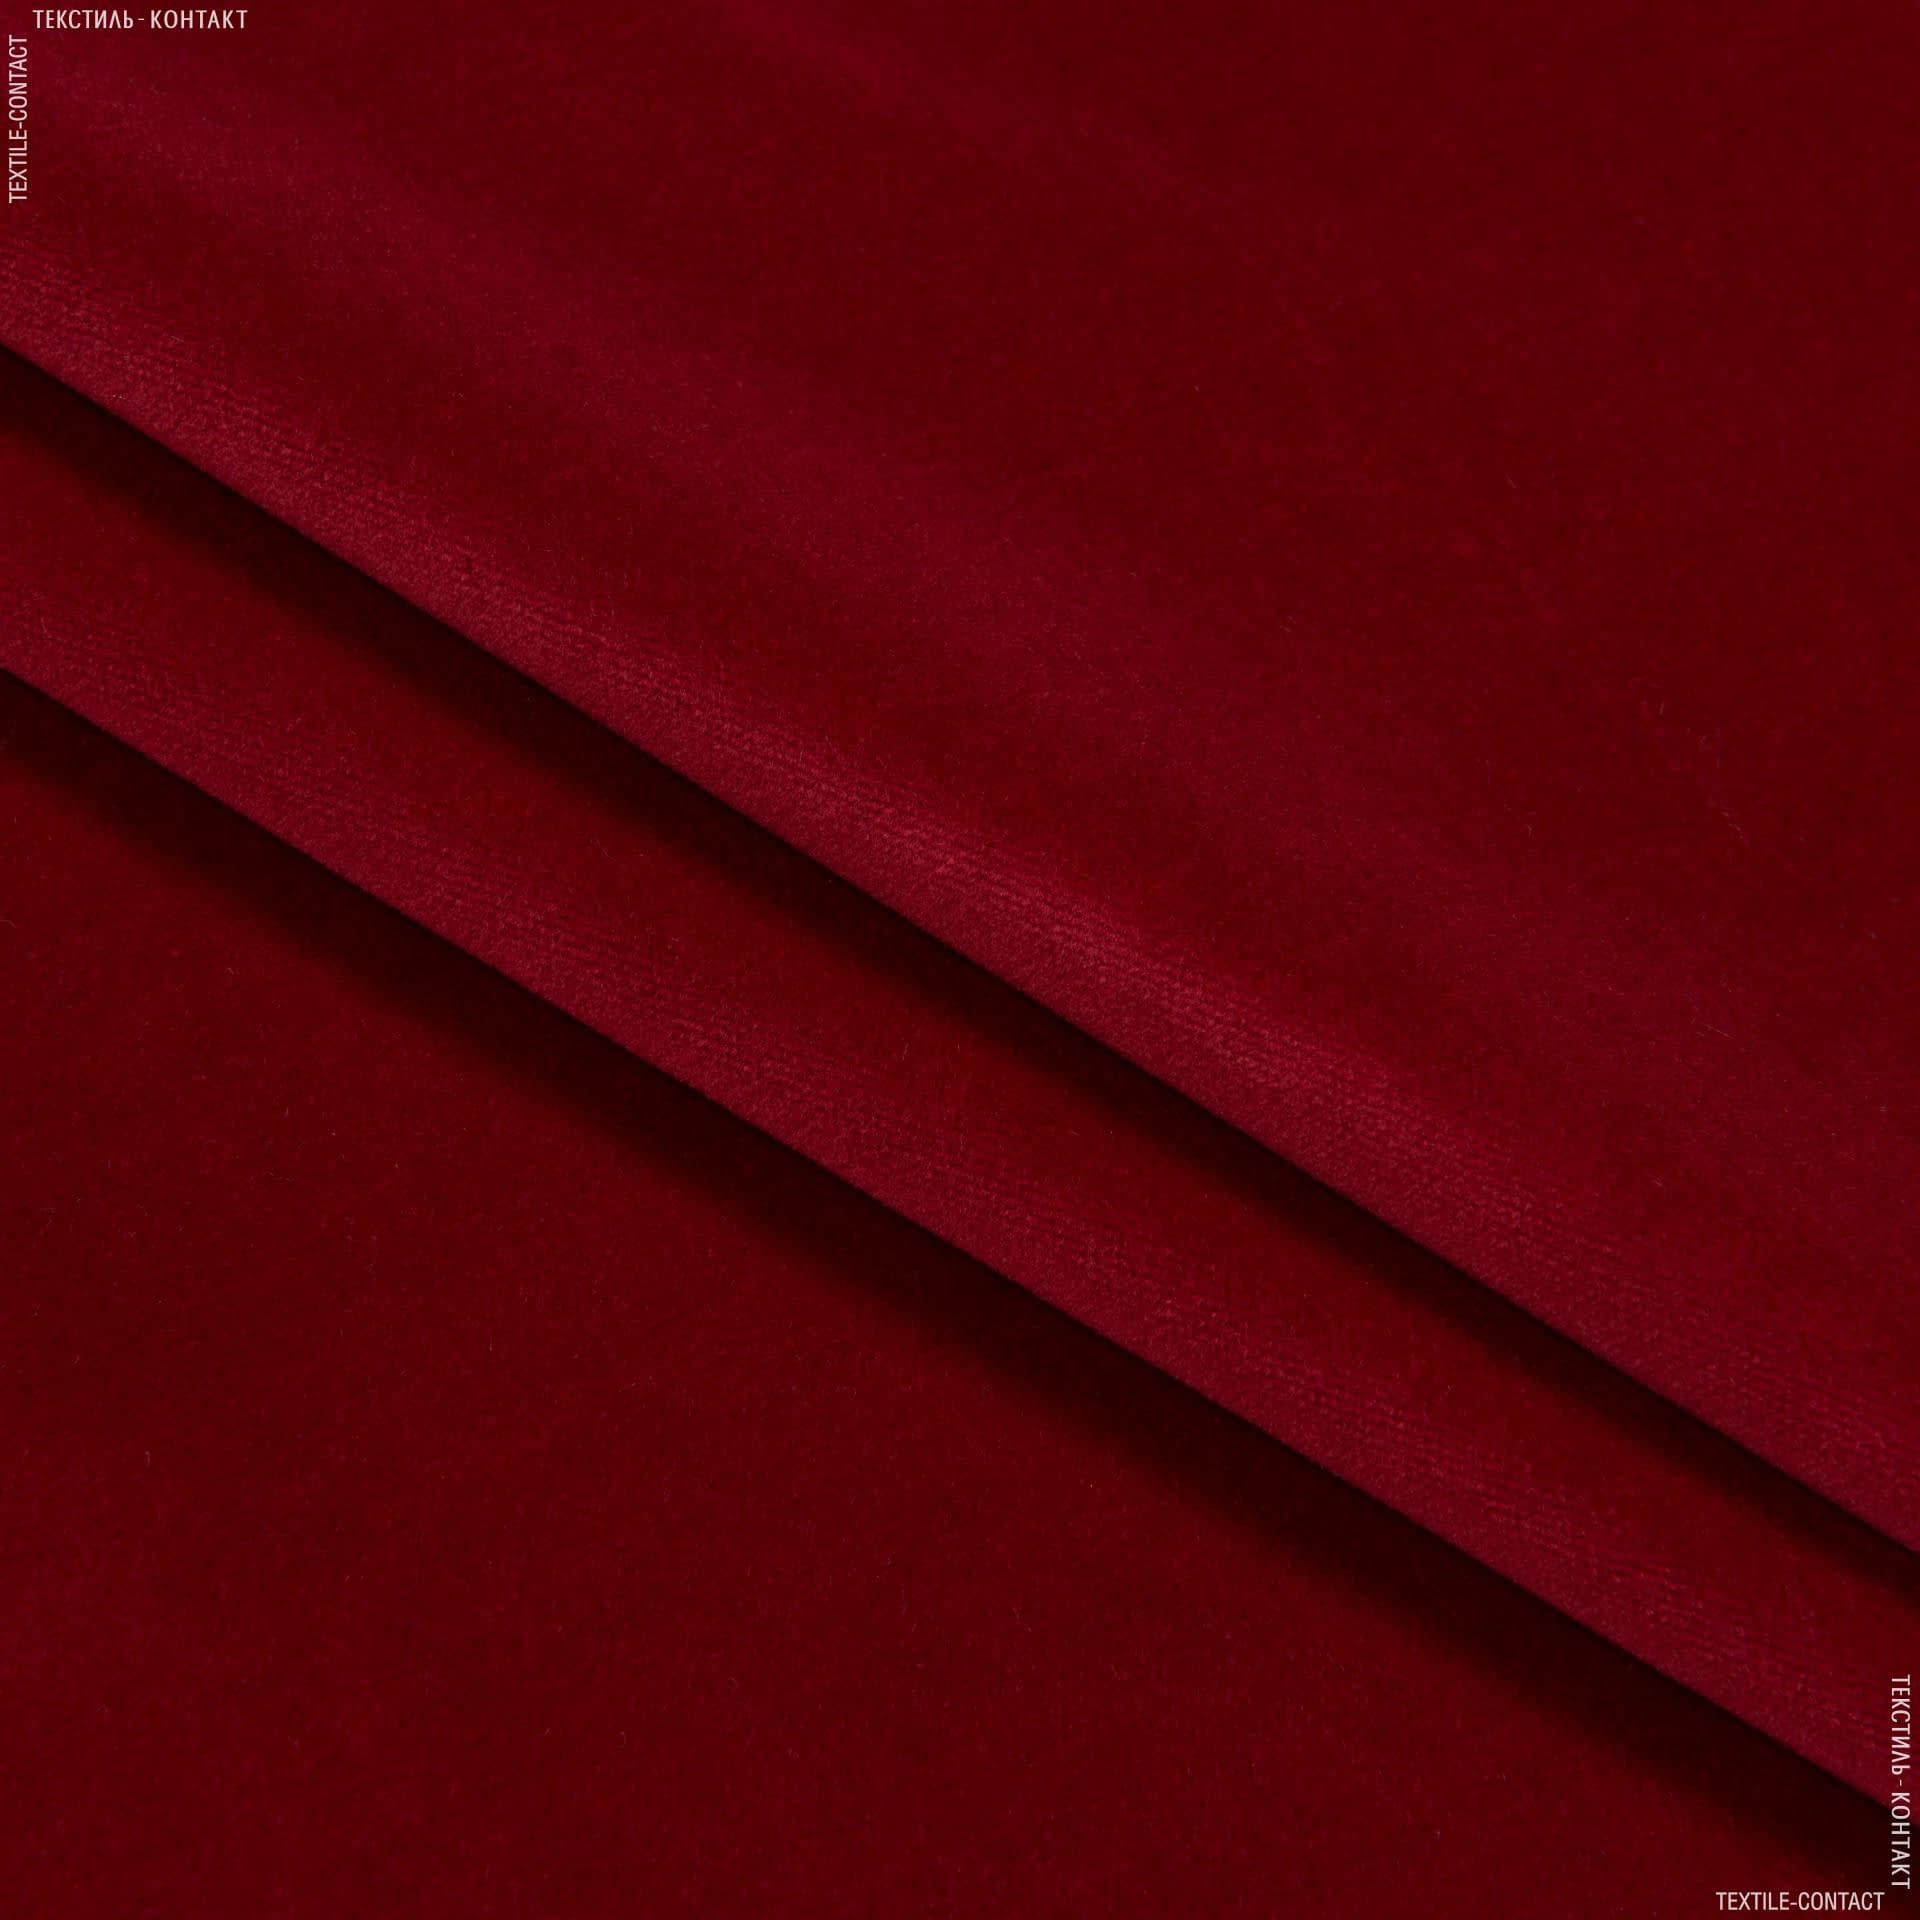 Тканини horeca - Велюр з вогнетривким просоченням асколі червоний  сток